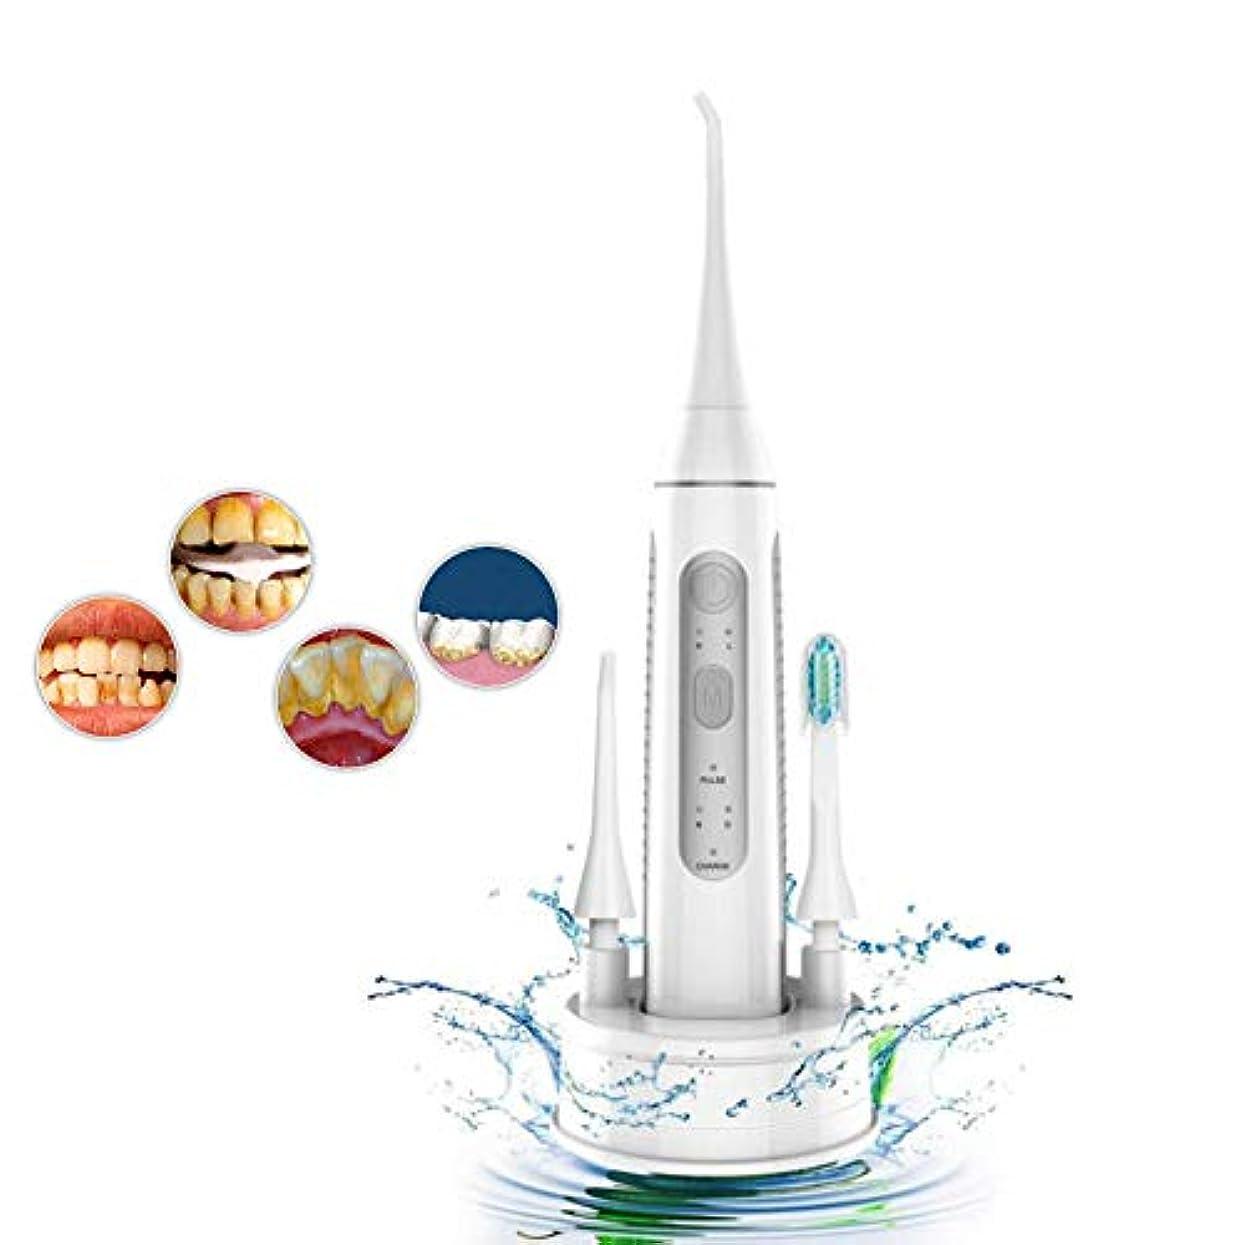 望みペパーミントマンモス超音波電動歯サーファー、2 in 1口腔ケア歯磨き粉機器ホームポータブルウォーターフロス歯のクリーニング機3モード大人と子供に適して,Gray